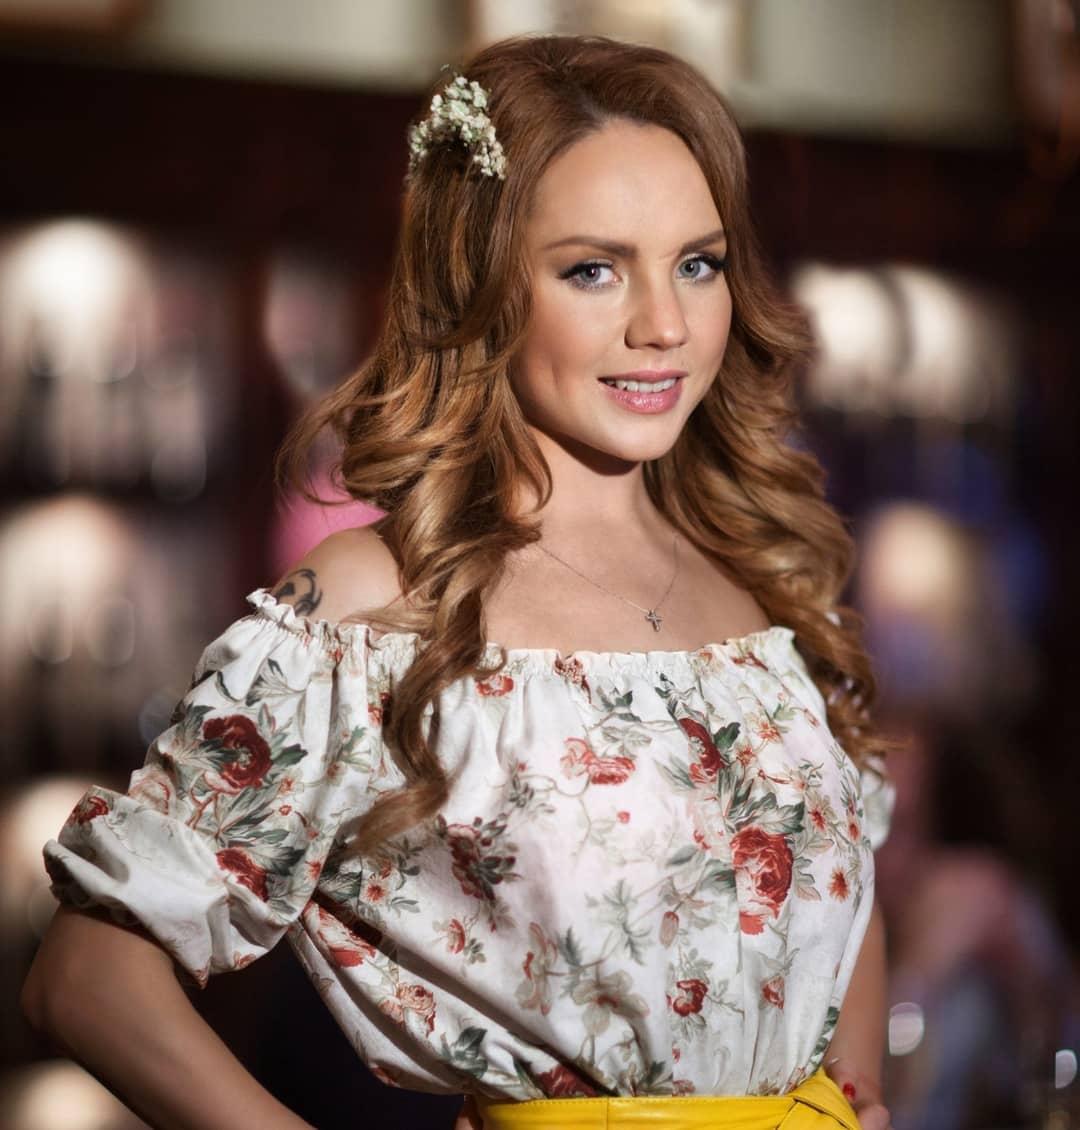 Менеджер певицы МакSим сообщила об улучшении ее состояния - фото №2